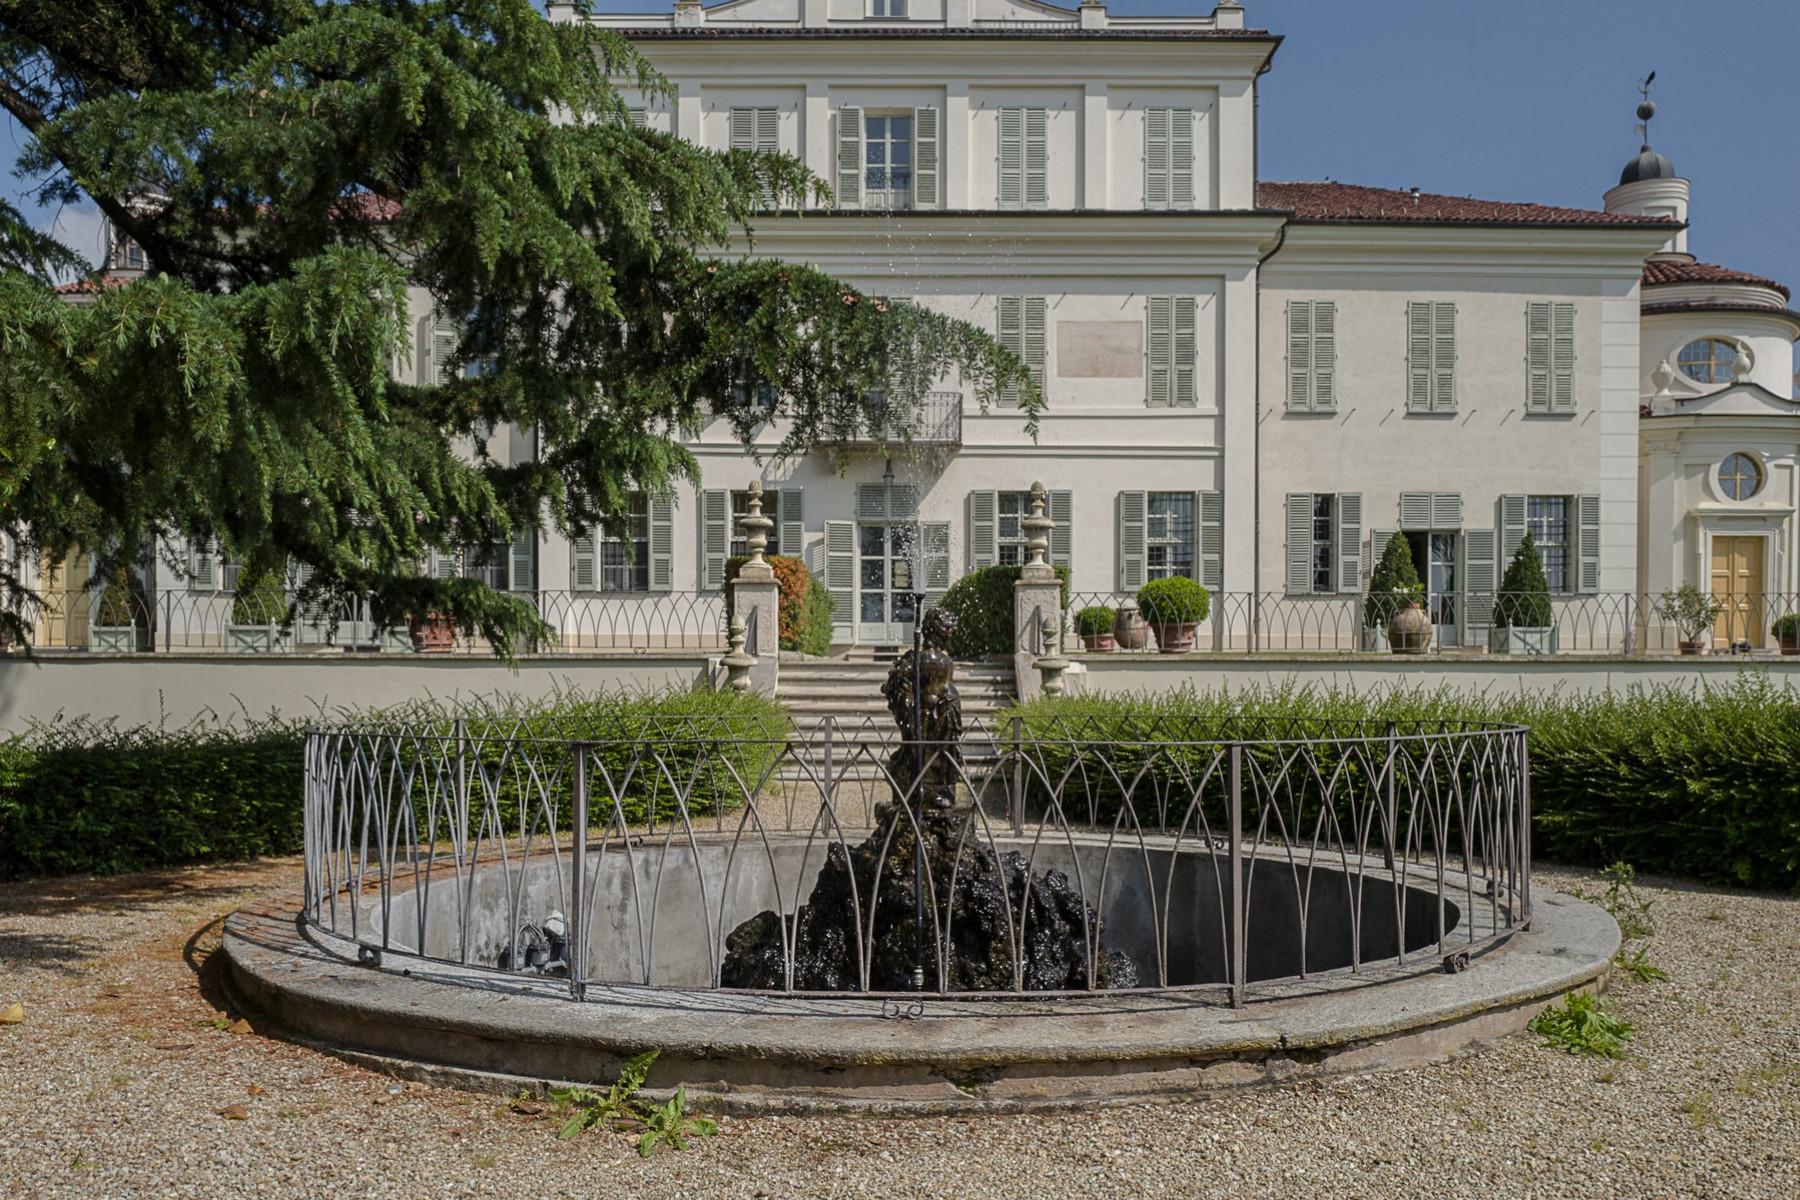 位于d'epoca a Chieri小镇历史悠久别墅内的奢华公寓 - 21